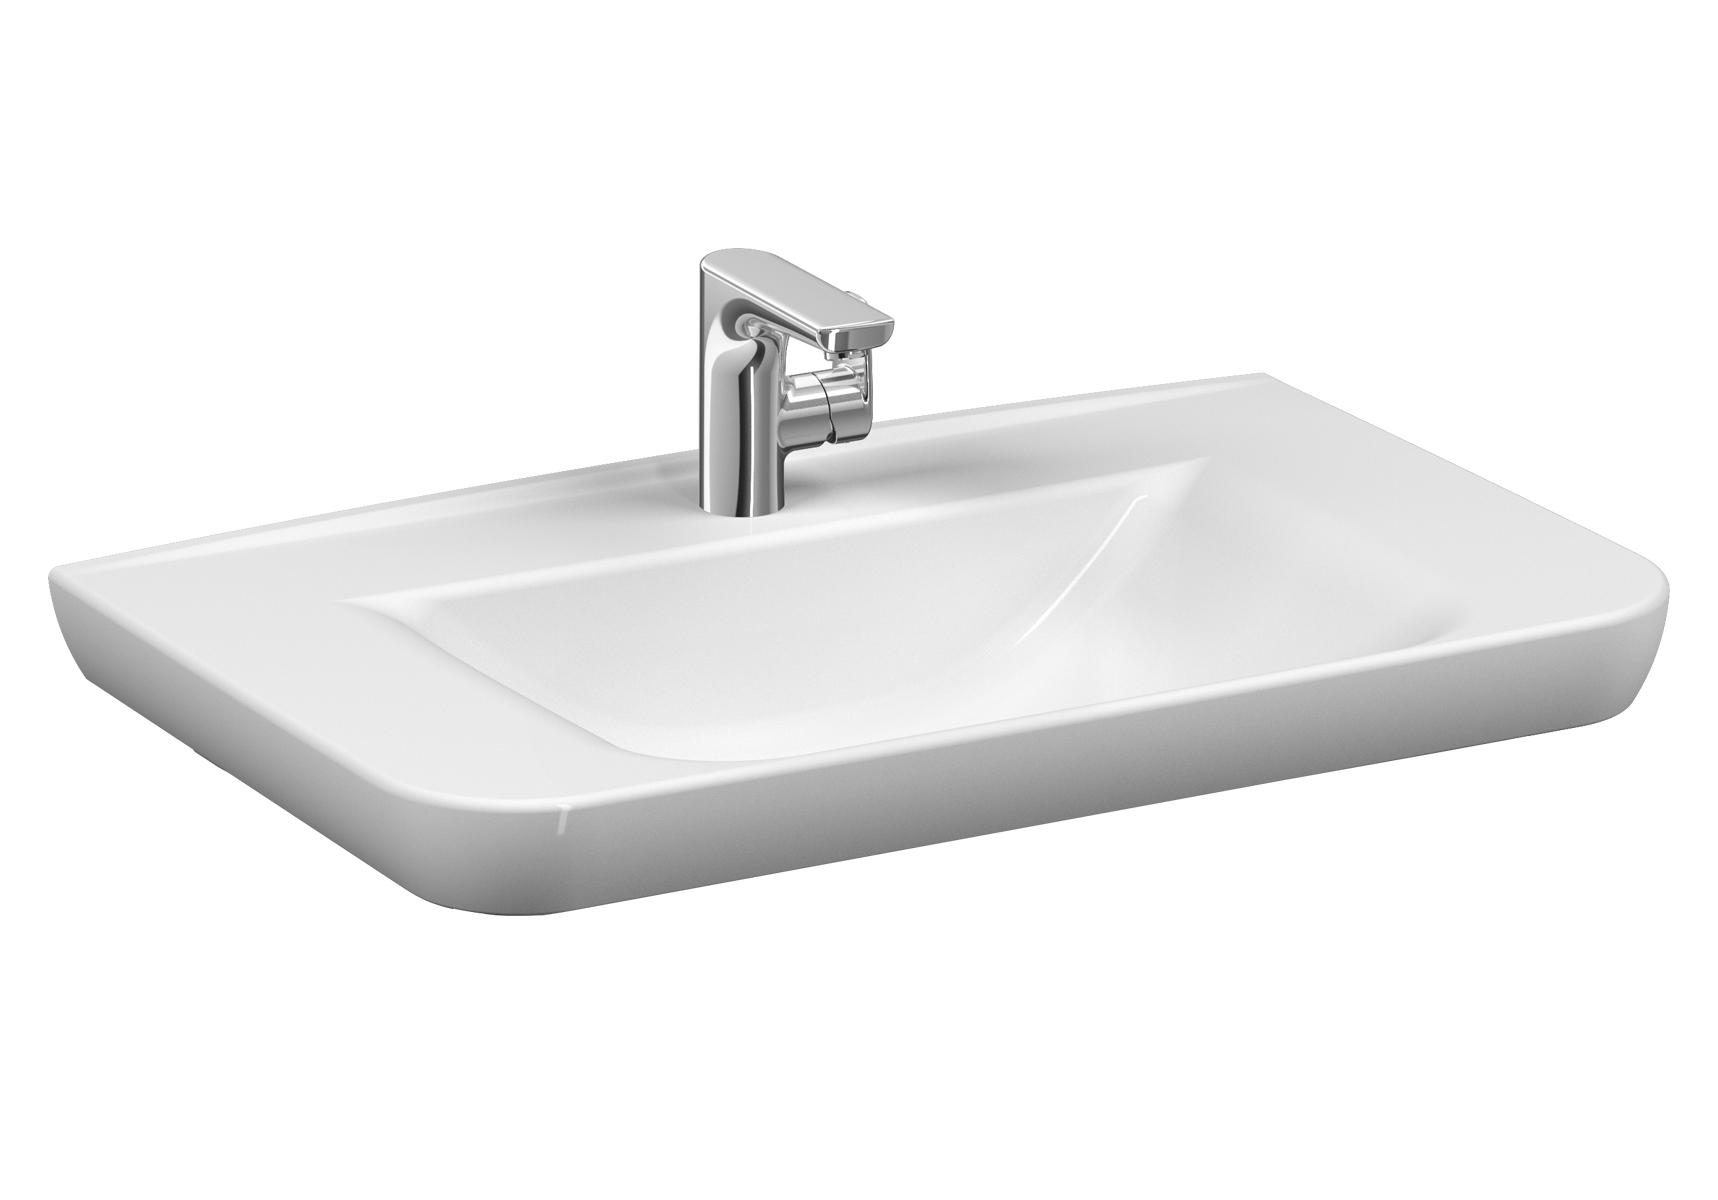 Sento Waschtisch, 78 cm, mit Hahnloch mittig, mit Überlaufloch mittig,Weiß, VitrA Clean